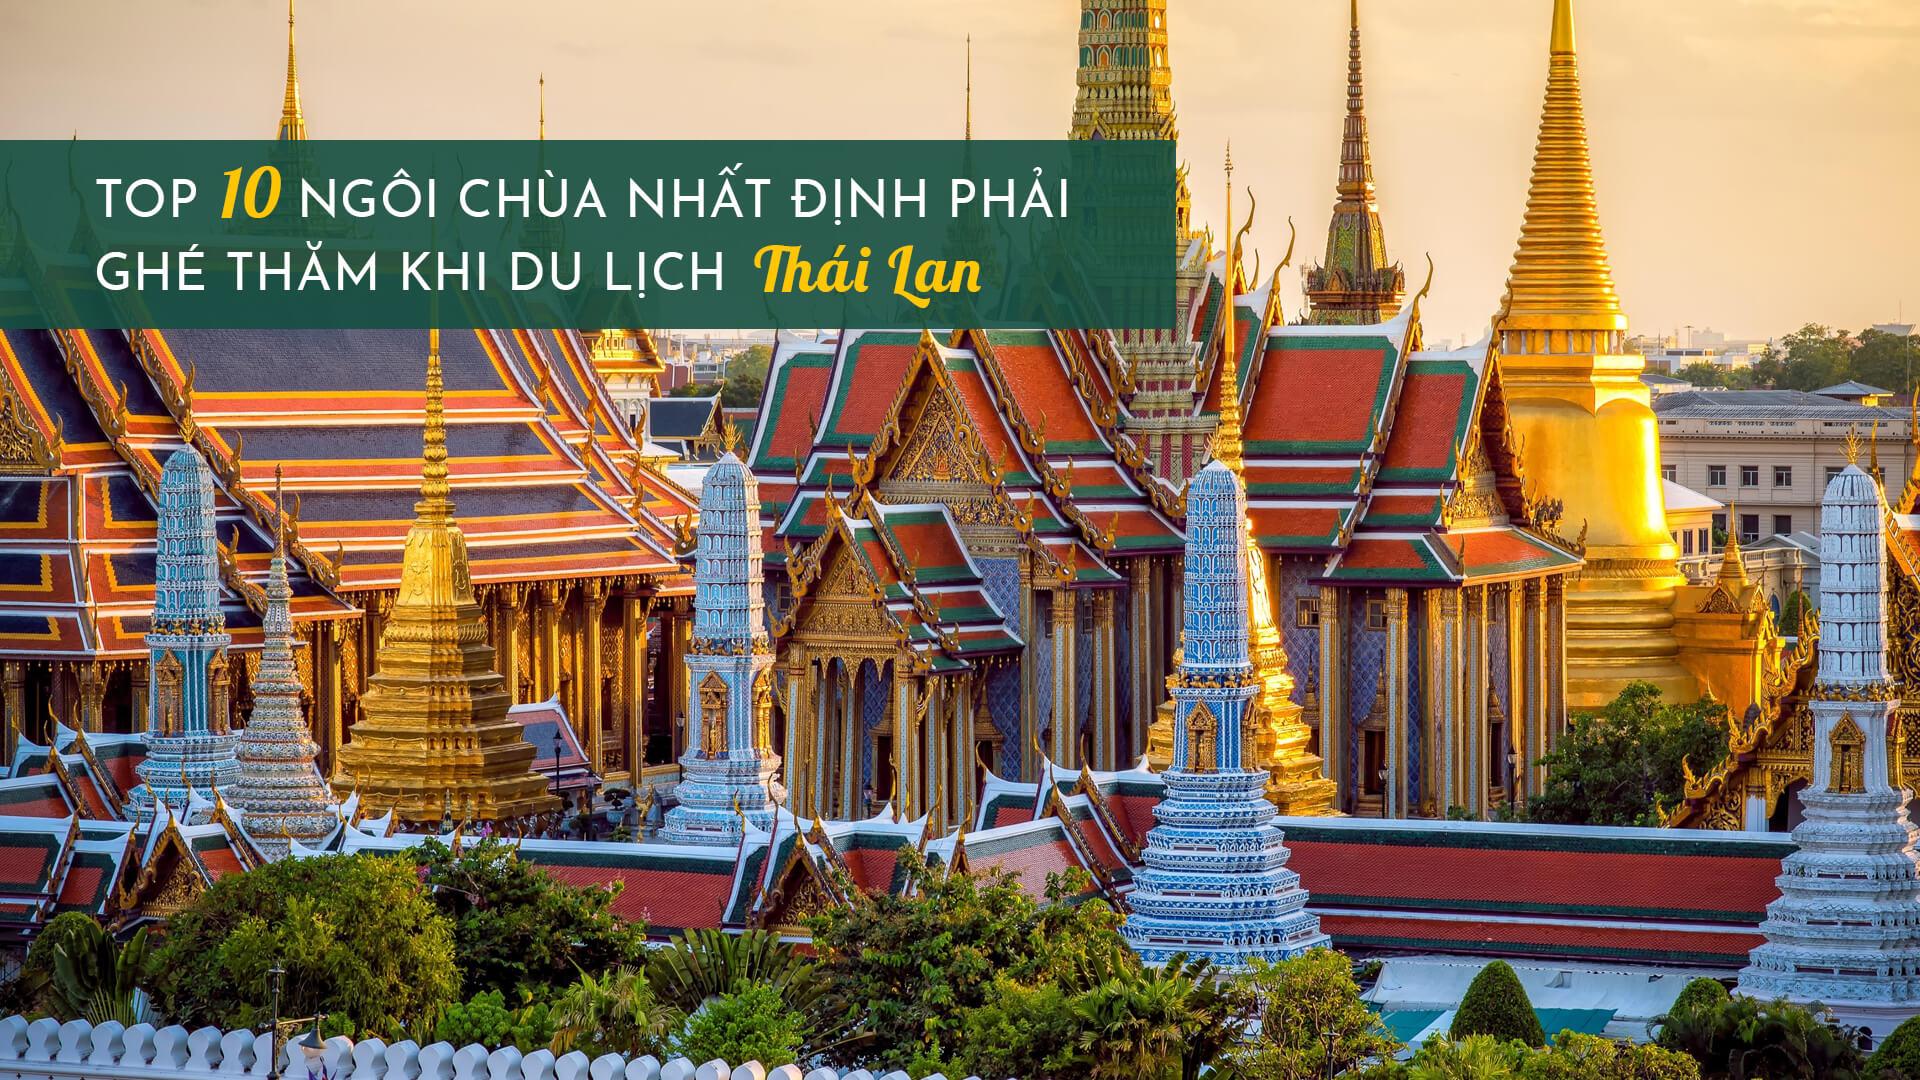 Top 10 ngôi chùa nhất định phải ghé thăm khi du lich Thái Lan